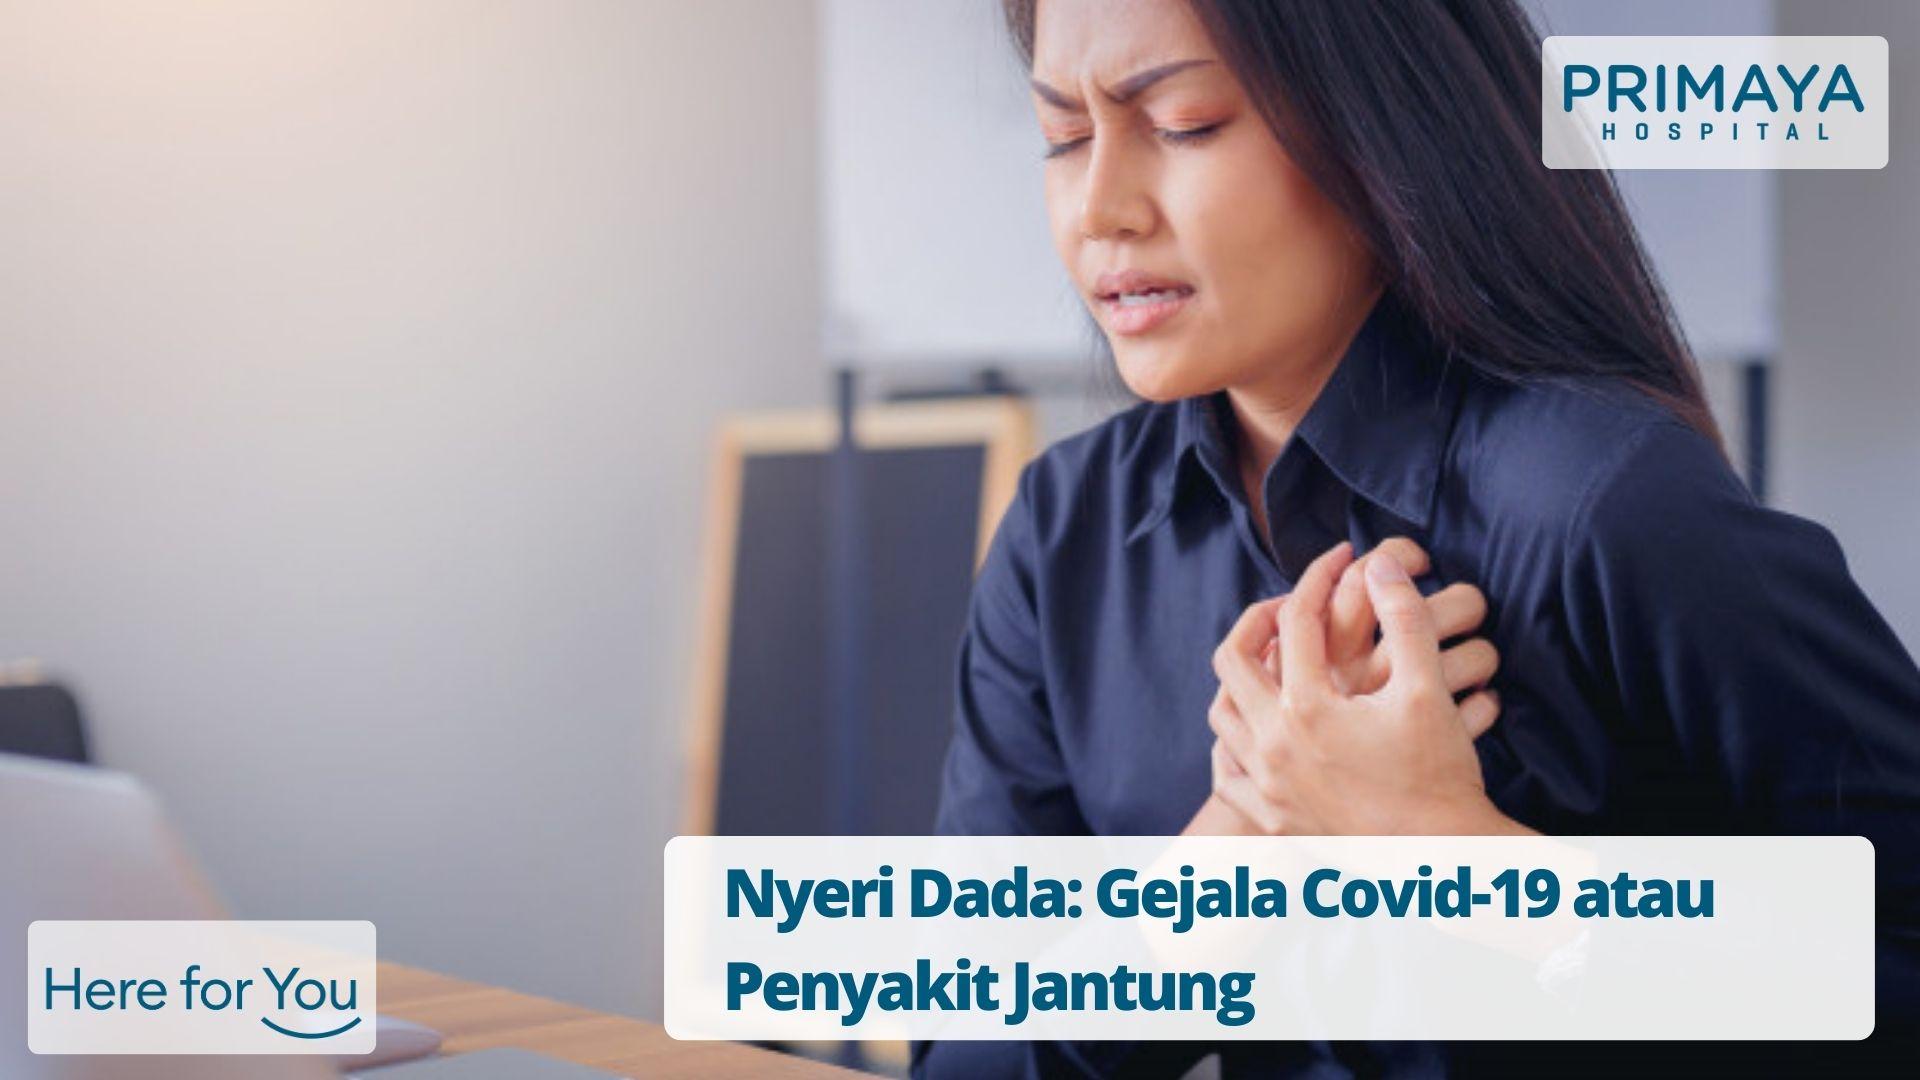 Nyeri Dada: Gejala Covid-19 atau Penyakit Jantung